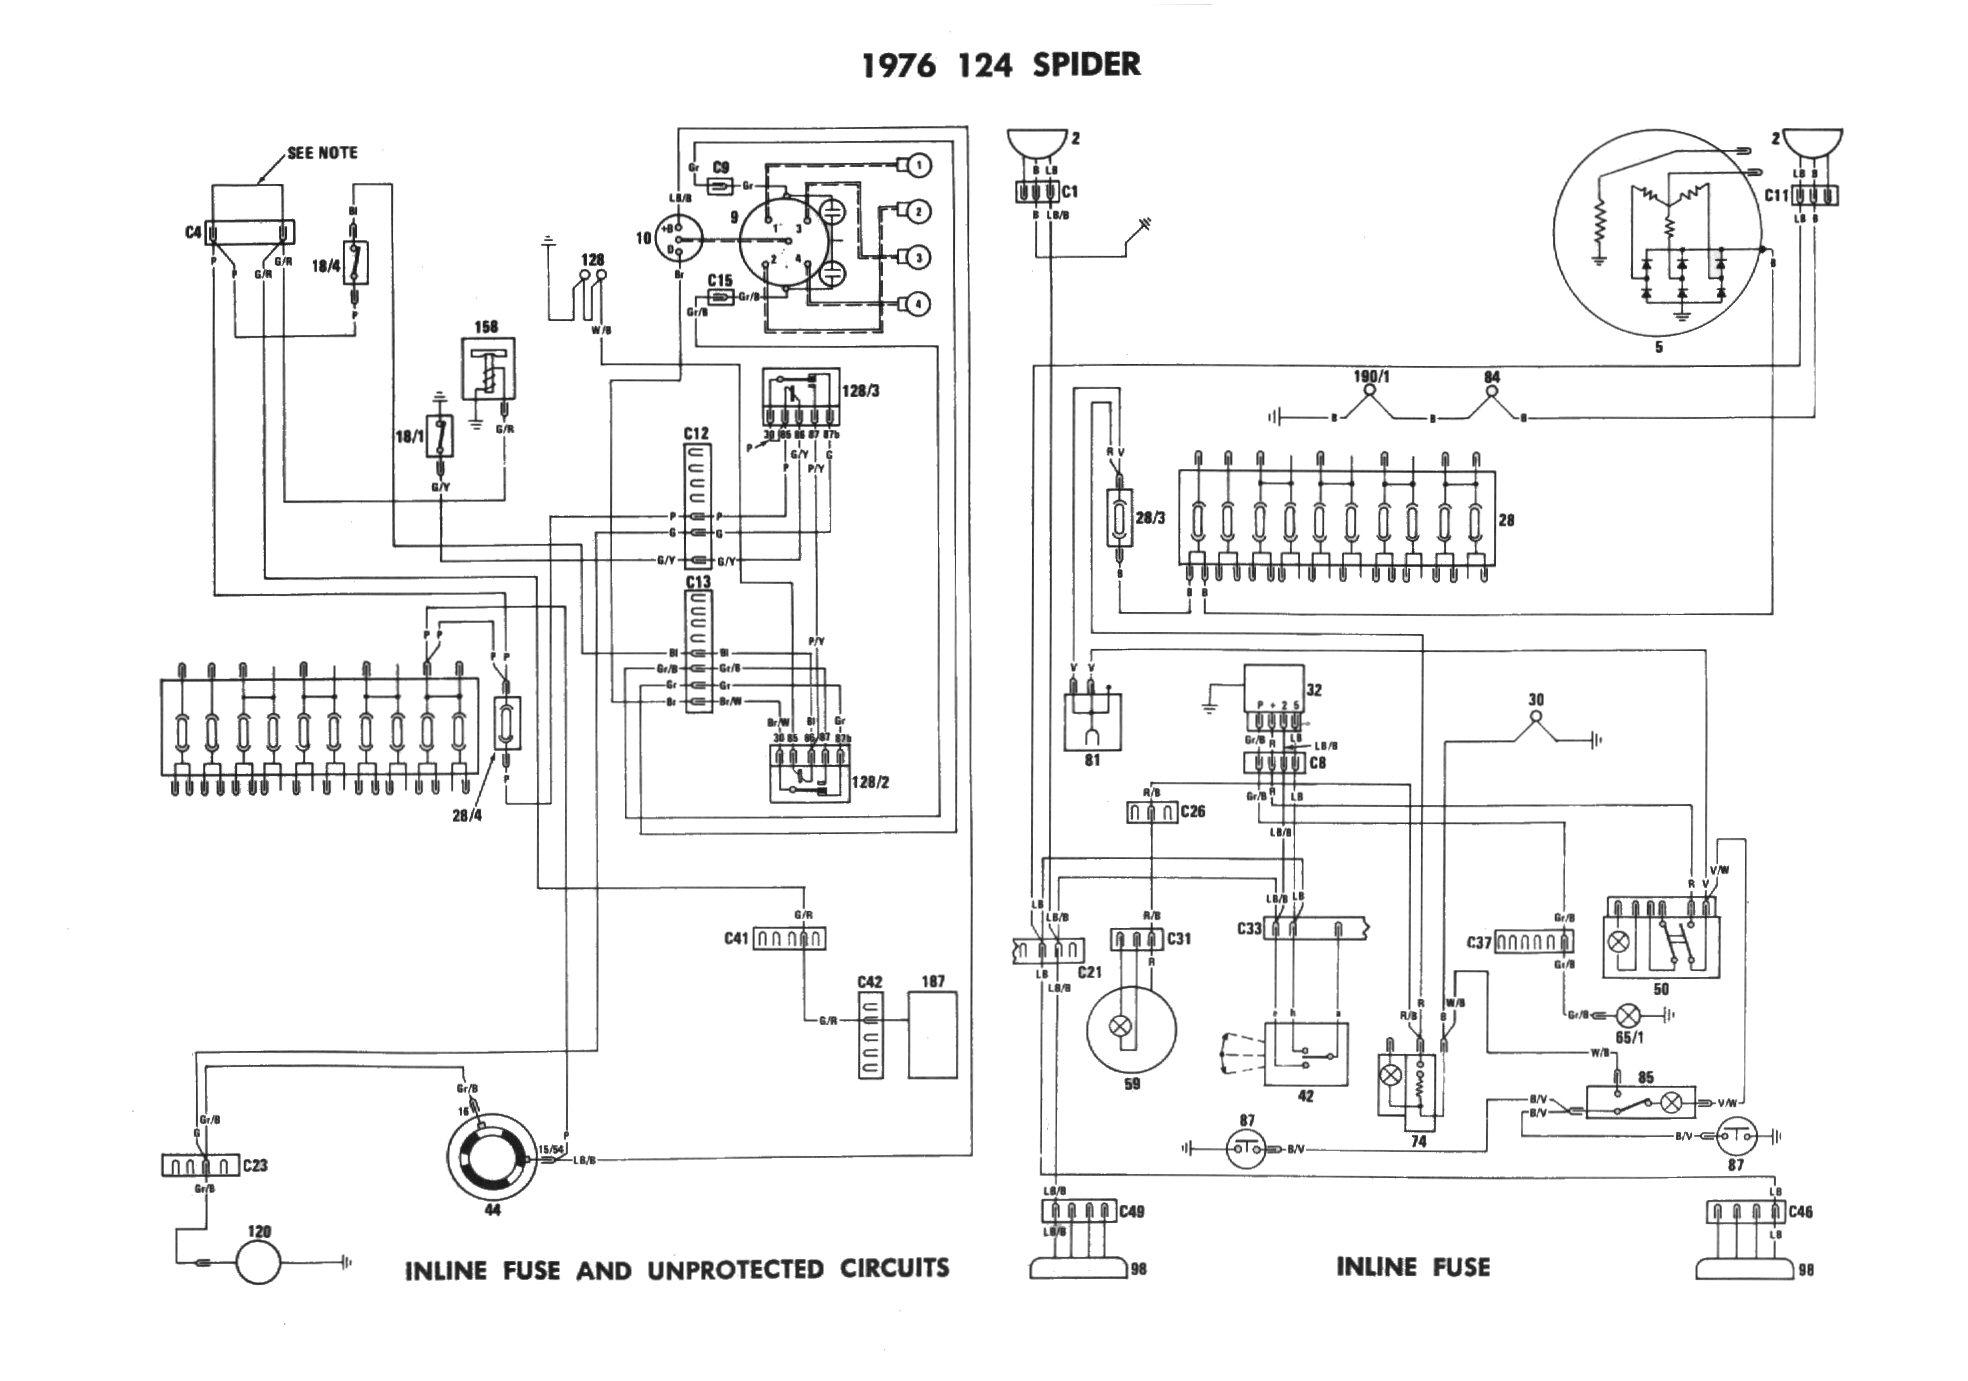 fiat 124 wiring diagram picture wiring diagram schematic fiat 124